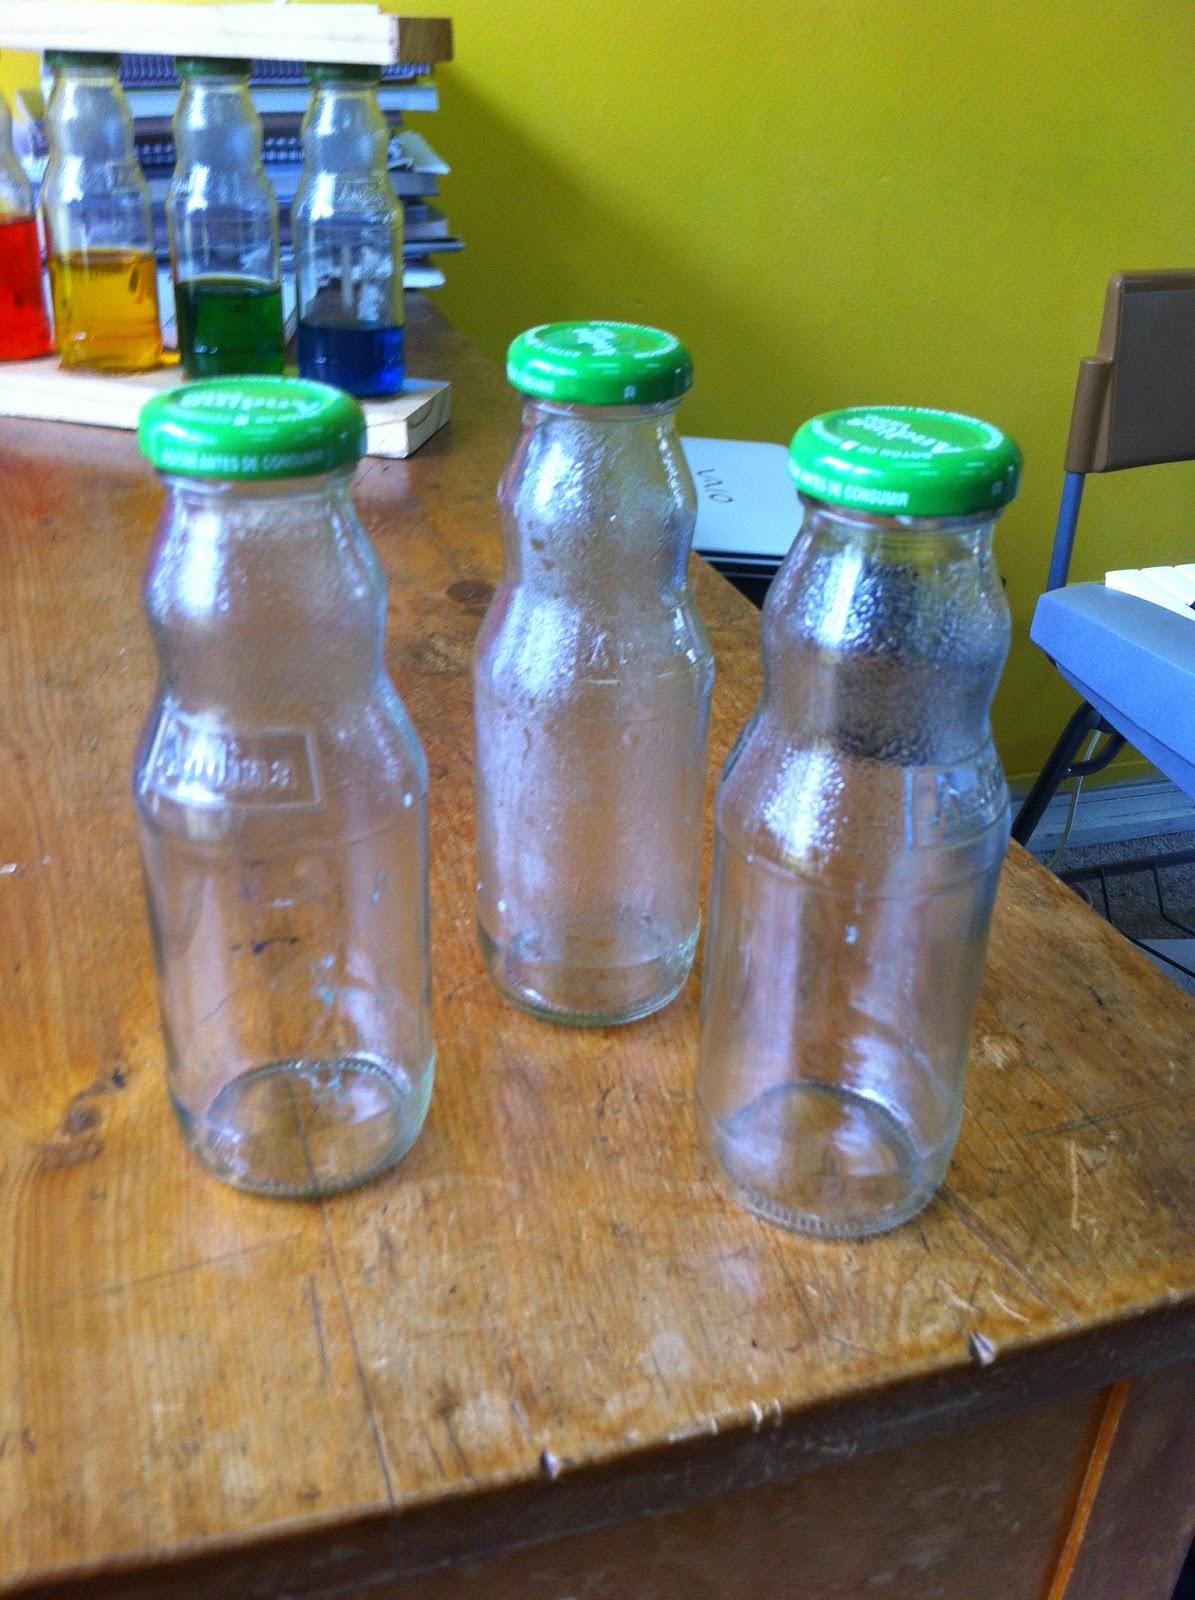 Qwerty como hacer un xil fono con botellas de vidrio - Que hacer con botellas de vidrio ...